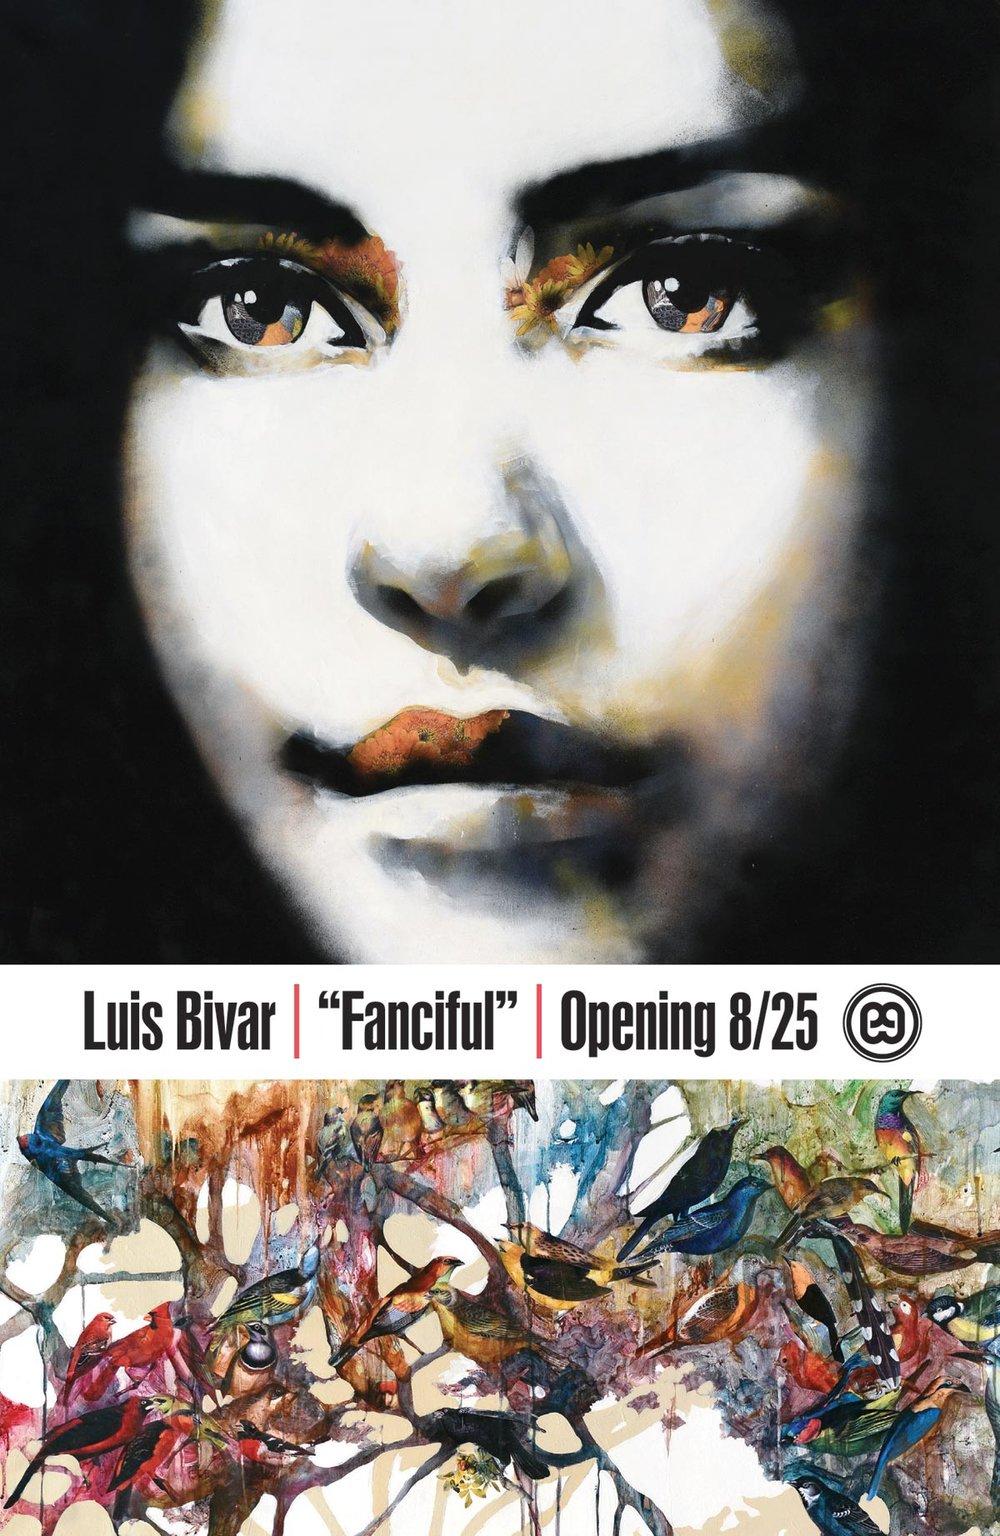 Luis-Bivar-3-Front3.jpg